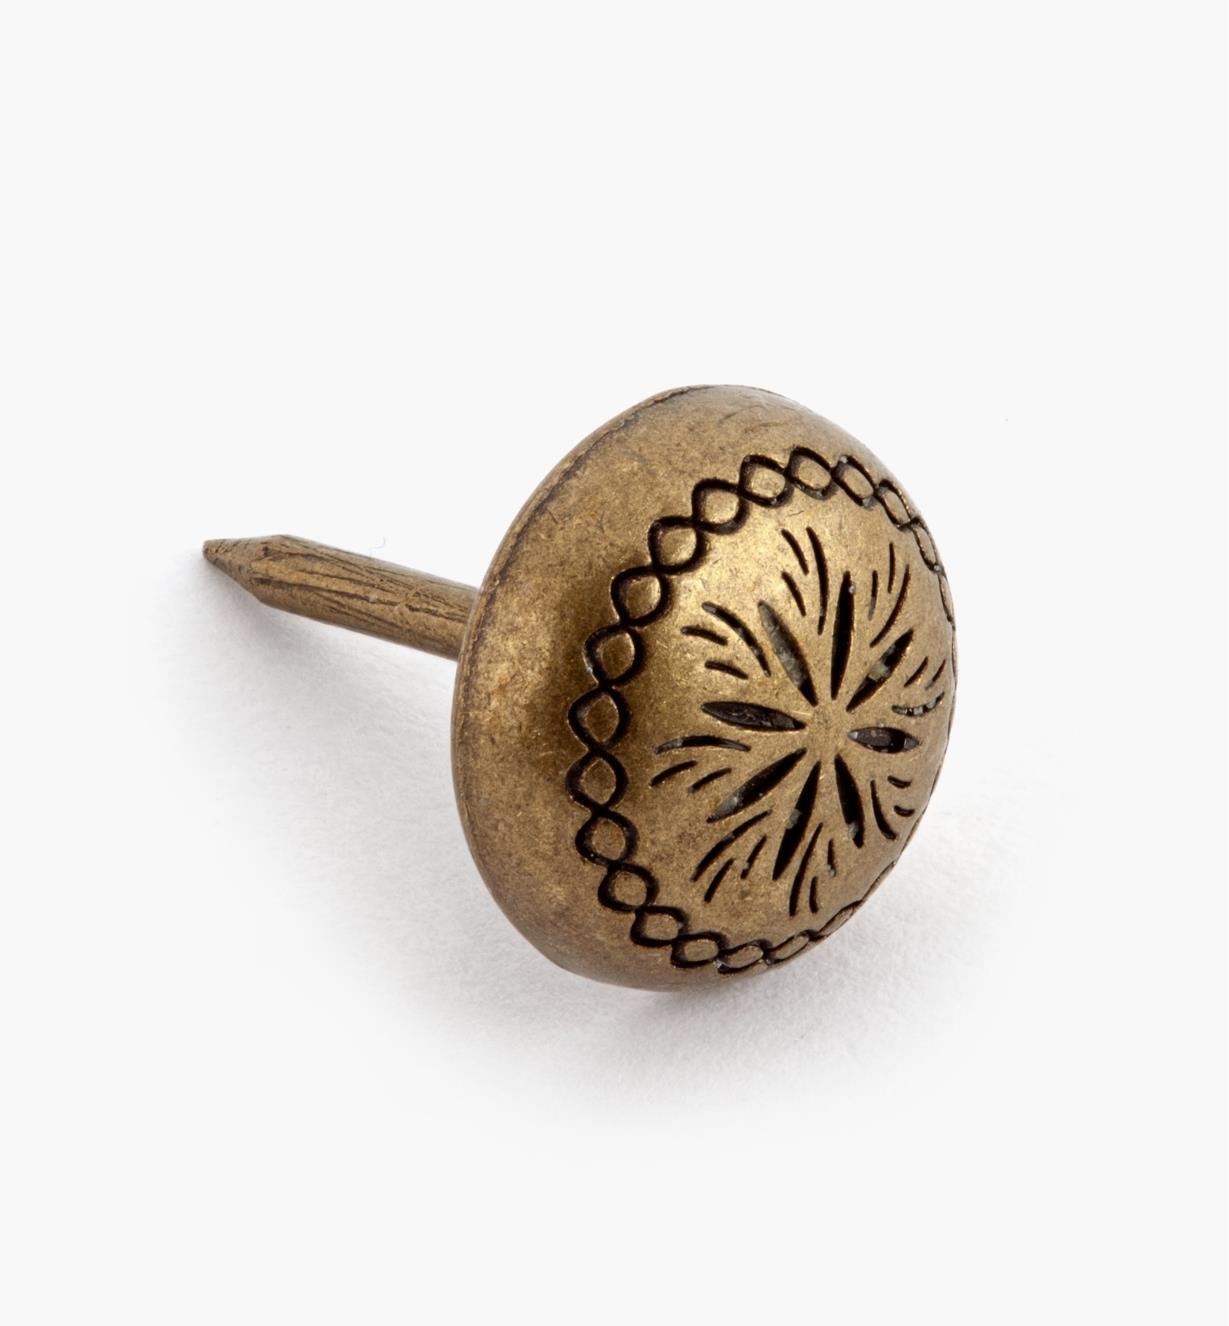 """00T0930 - Petal Clavos, 7/16"""", Antique Brass, ea."""